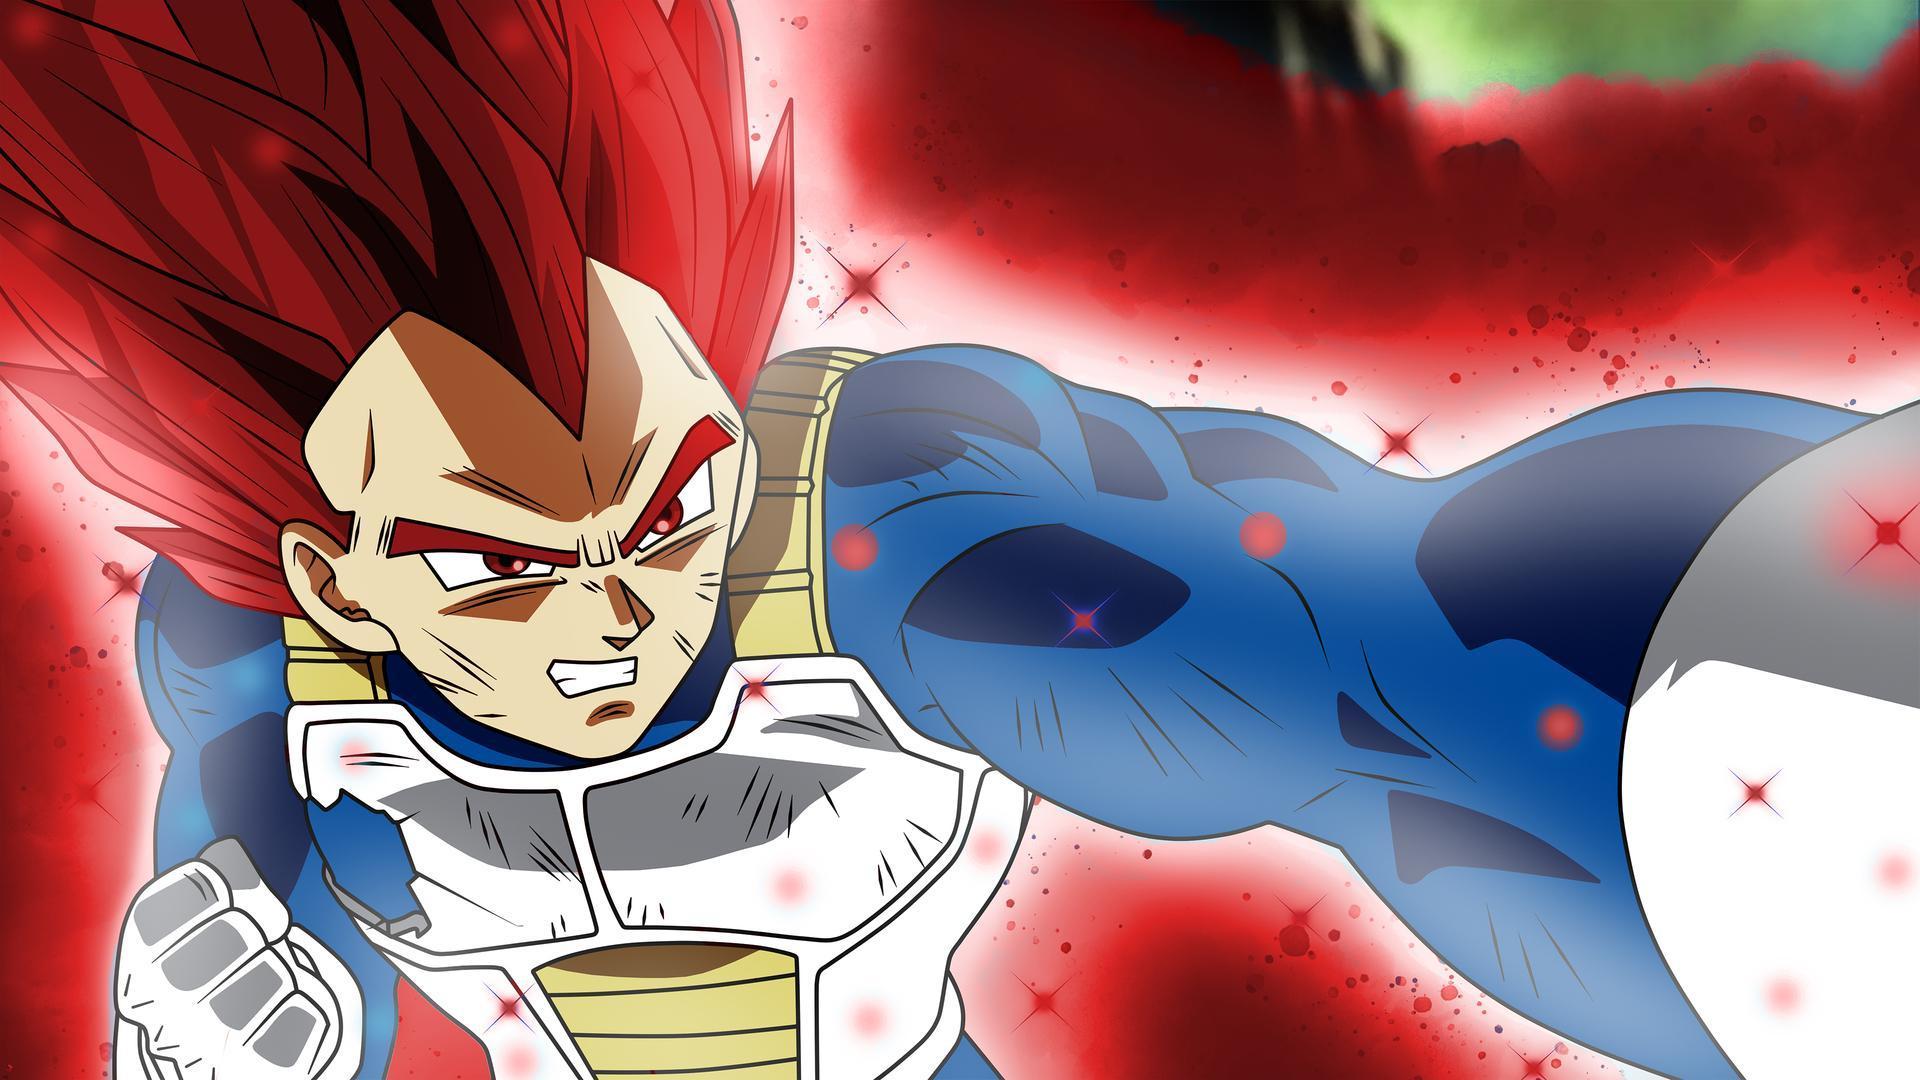 Goku Wallpaper Goku Vegeta Dragon Ball 4k Gif For Android Apk Download